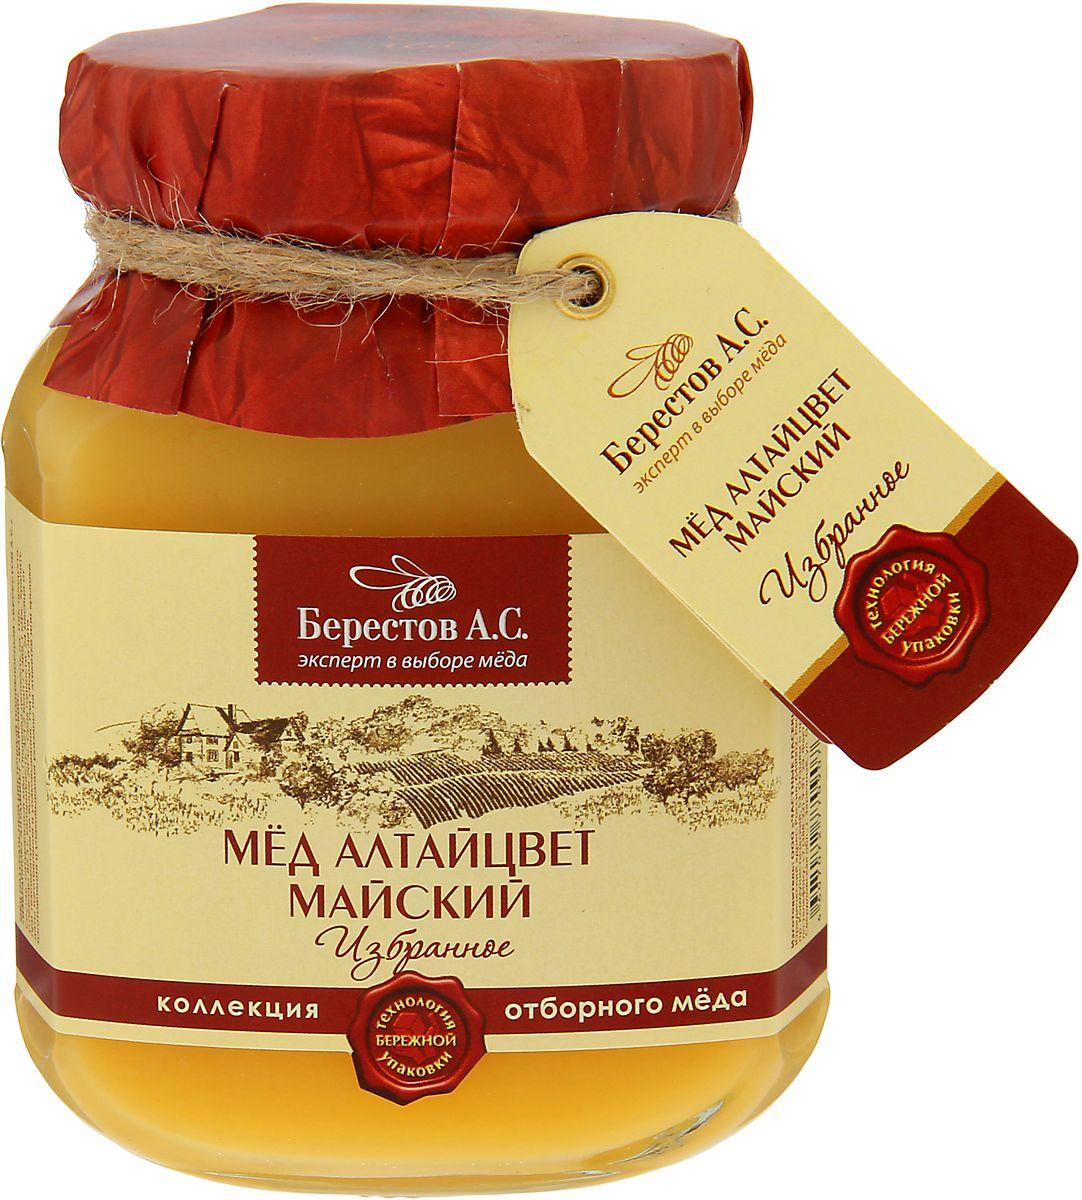 Для коллекции «Избранное» нашими экспертами отобраны исключительно премиальные сорта мёда, обладающие уникальным характером и многогранным вкусом. Каждый урожай мёда неповторим и мы предлагаем вам только самое лучшее из коллекции этого года. Мёд Алтайский Майский из коллекции «Избранное». Майский мед - это мёд первой качки, вобравший в себя всю свежесть и юную энергию ранних медоносов. Бархатистые тающие ноты щедрого разнотравья украшены тончайшими оттенками фруктов с нежным мятным послевкусием. Яркая индивидуальность сорта выражена идеальным равновесием совершенного вкуса и чувственного солнечного цвета. Высокое качество Проверенная годами и положительно зарекомендовавшая себя многоступенчатая система отбора мёда для коллекции «Избранное» гарантирует высочайшее качество натурального меда «Берестов А.С.» и соответствие всем требованиям ГОСТ. Мёд «Берестов А.С.» получил заслуженное признание ценителей и экспертов. Это подтверждено многочисленными наградами...